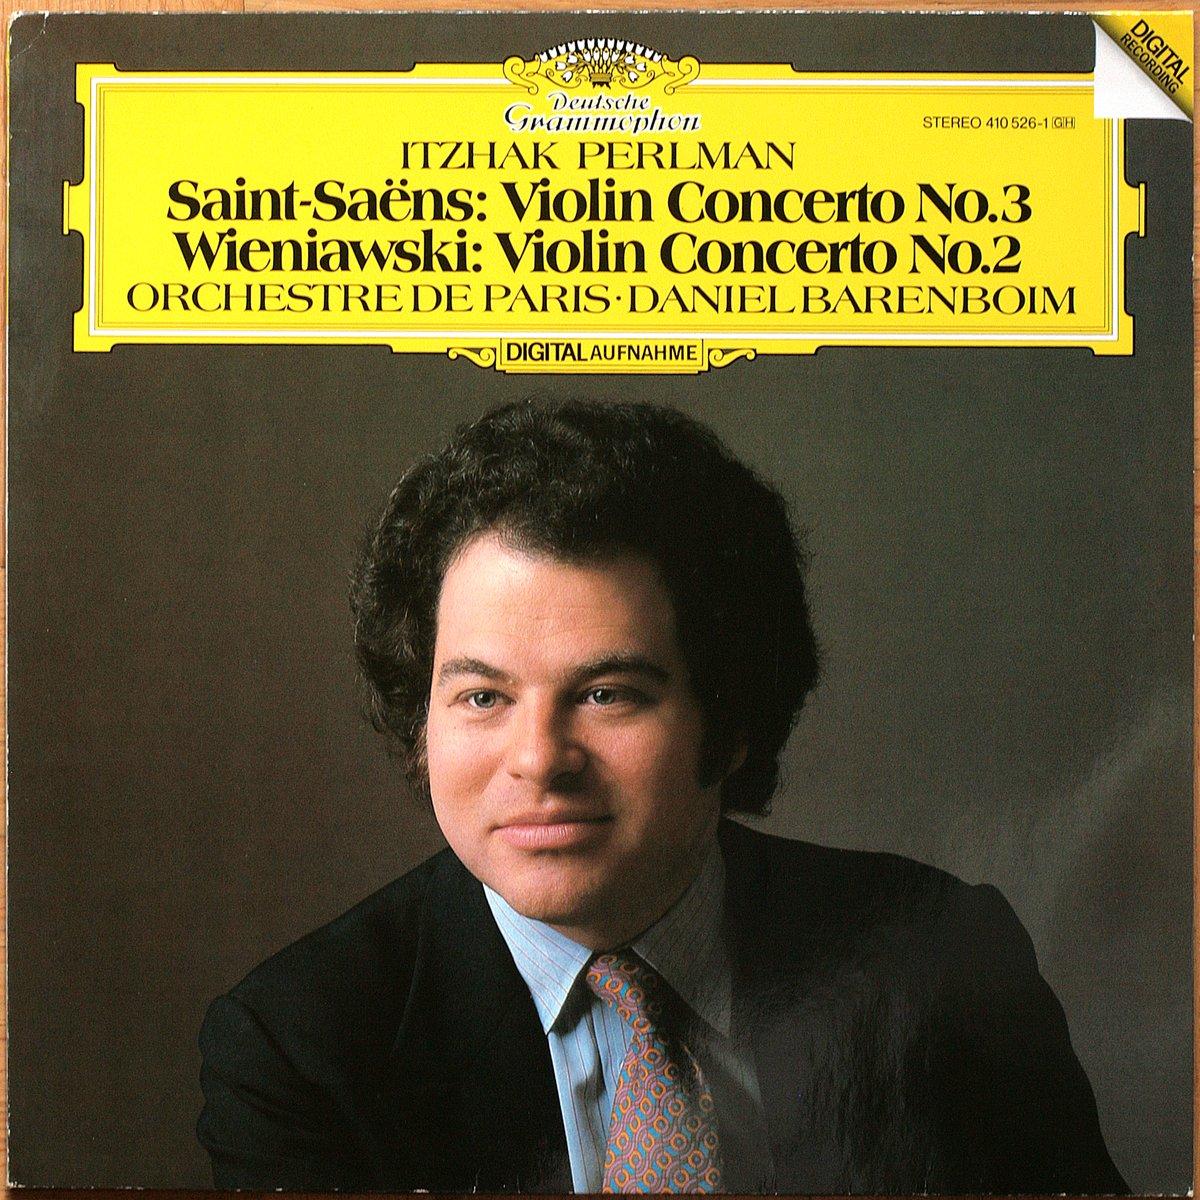 DGG 410 526 Saint Saens Concerto Violon Perlman Barenboim DGG Digital Aufnahme